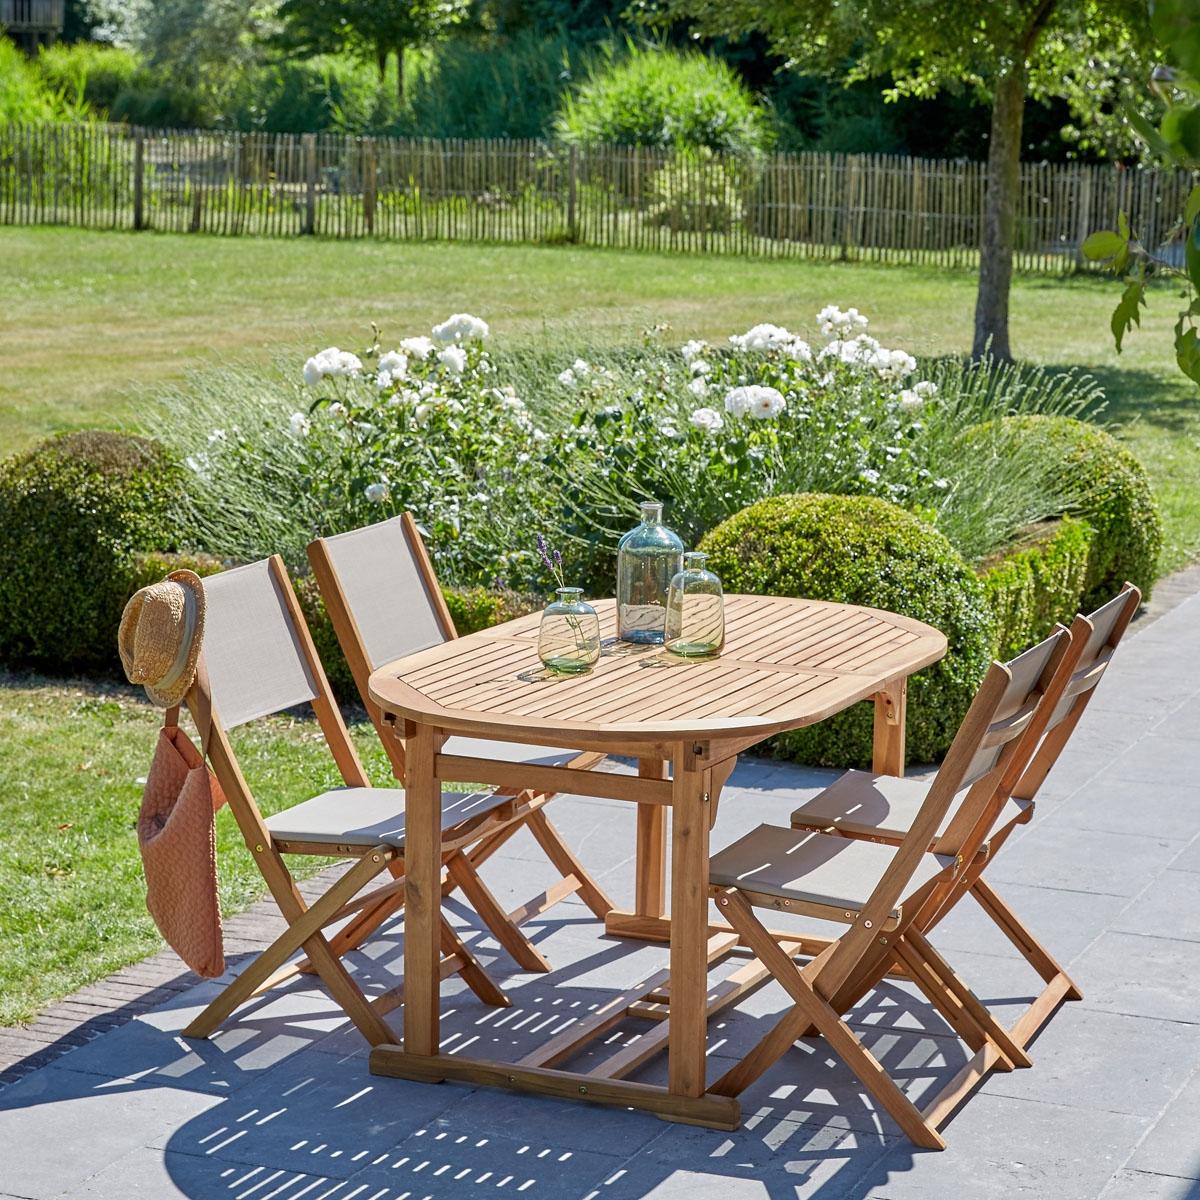 Salon De Jardin En Bois D Acacia Fsc Et Textil Ne Bois Dessus  # Salon De Jardin Teck Fsc